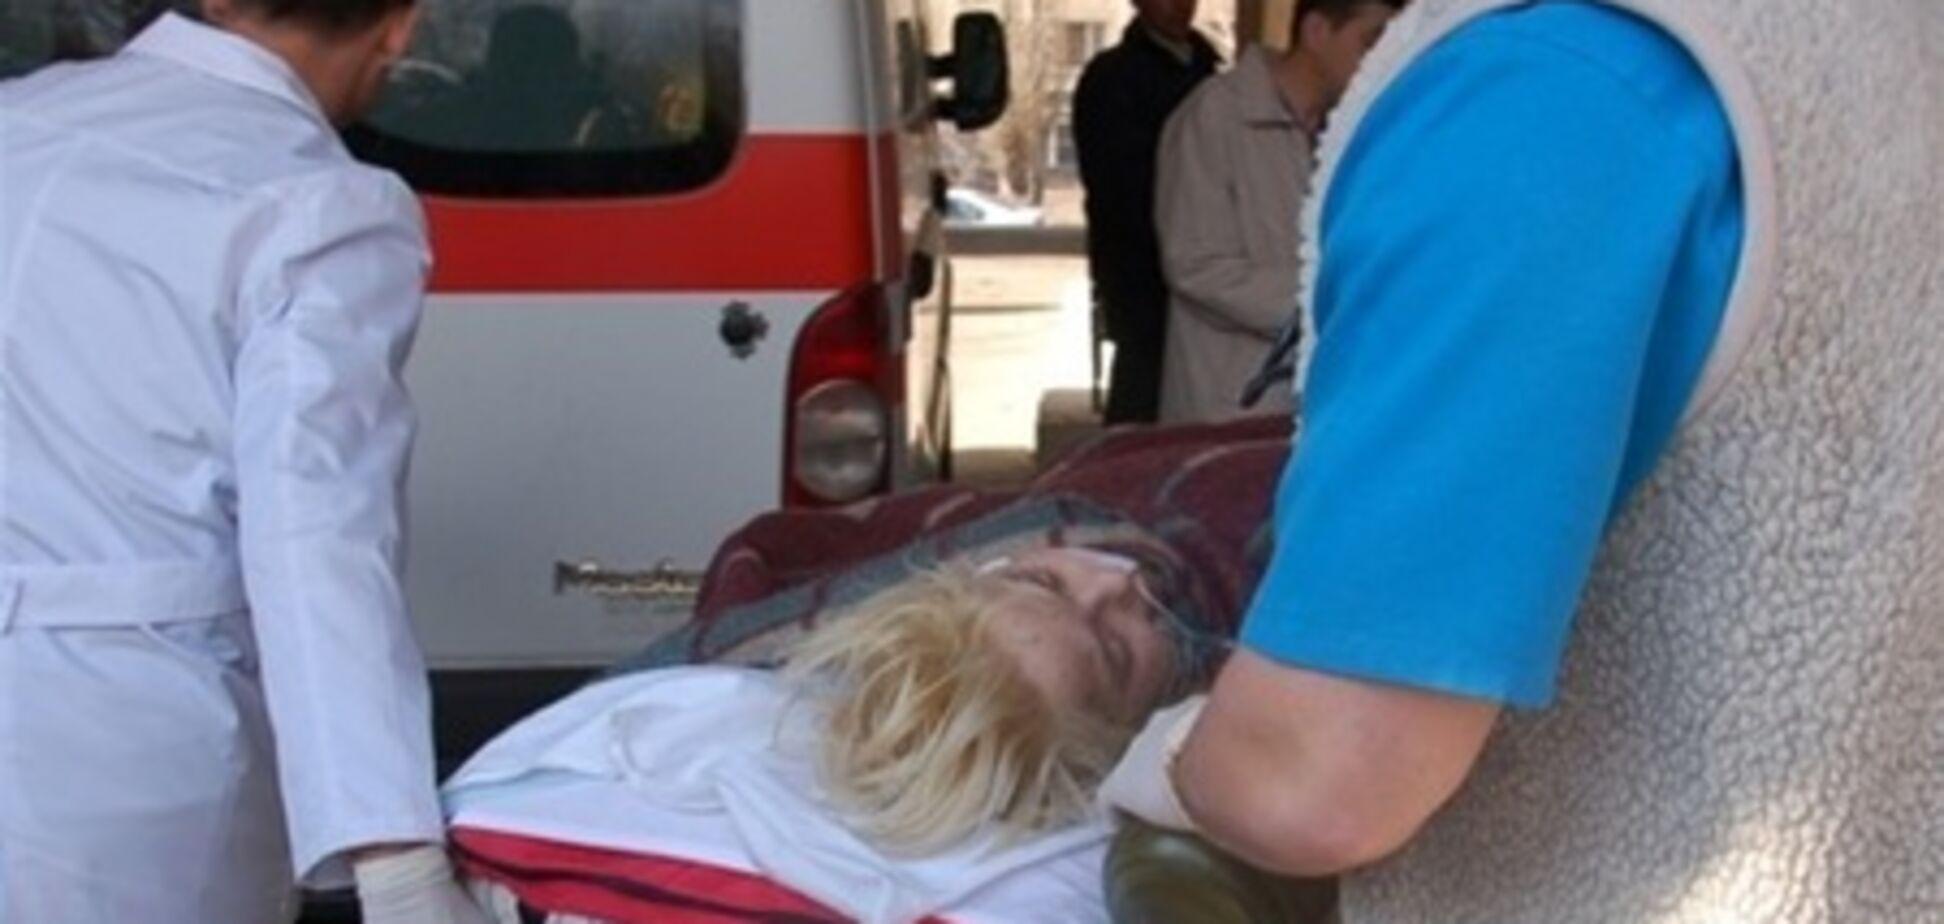 МВС: Оксану Макар прийняли за бомжа